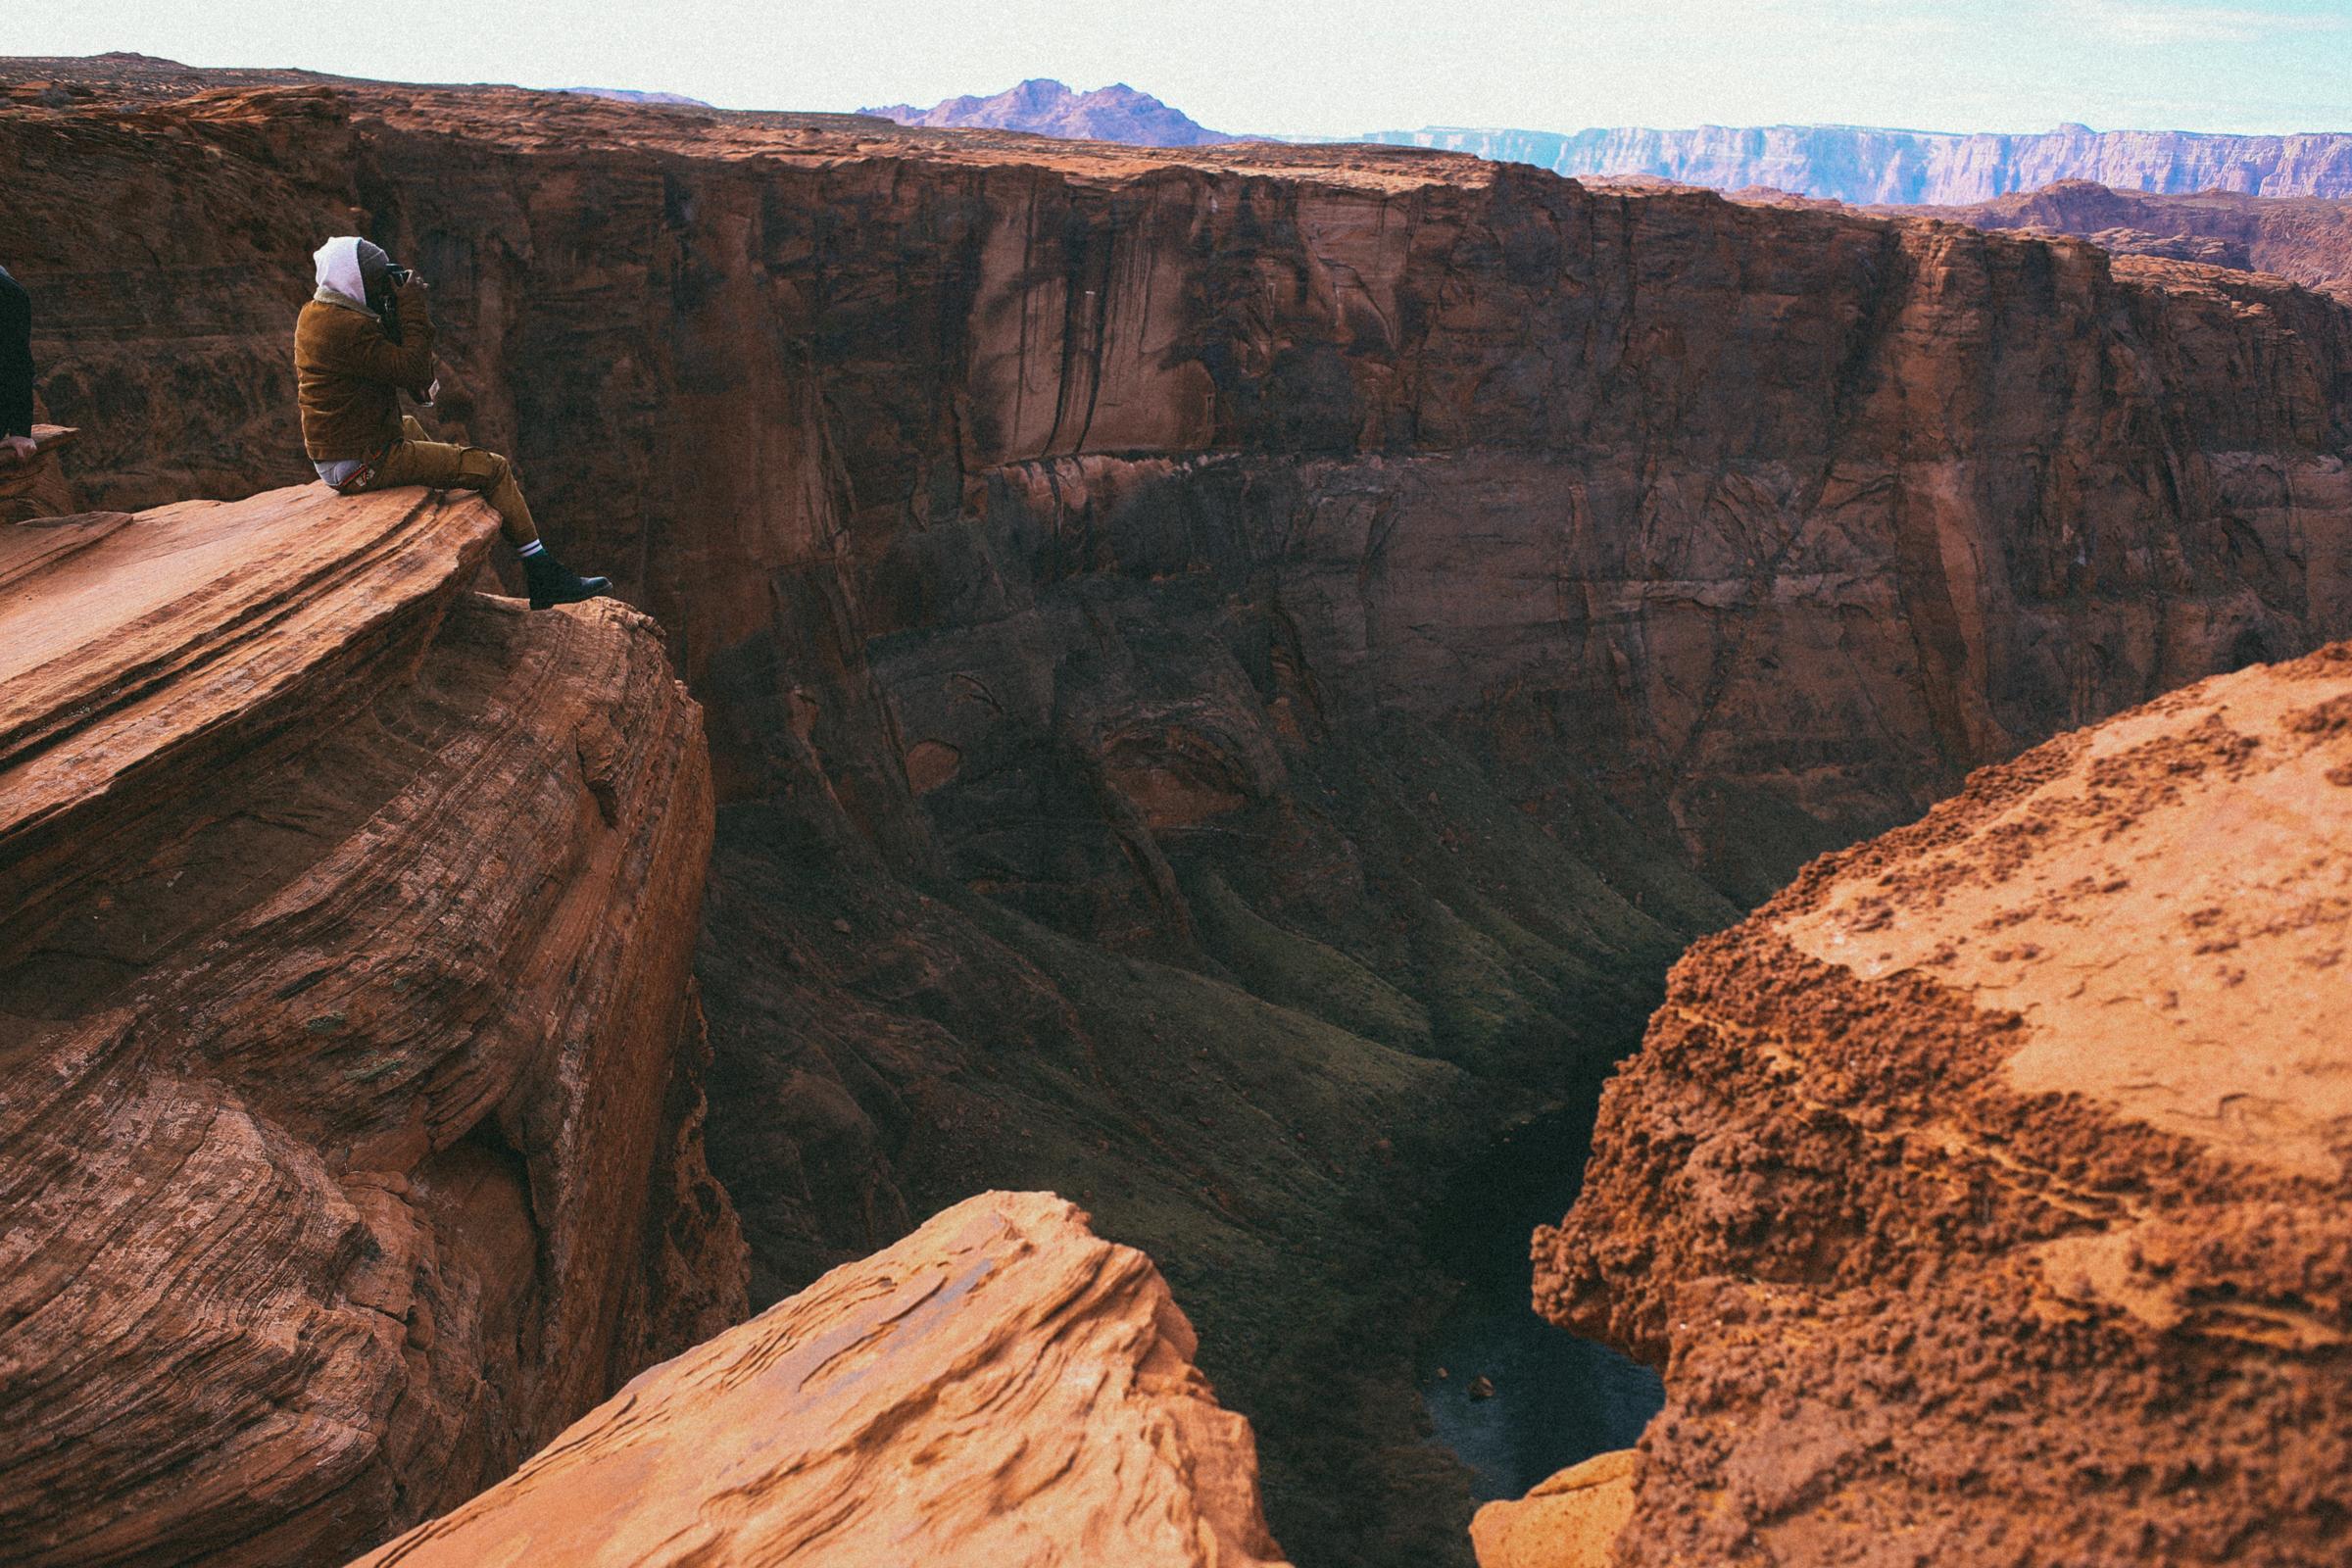 Keeewii_Travel_Arizona-9.jpg